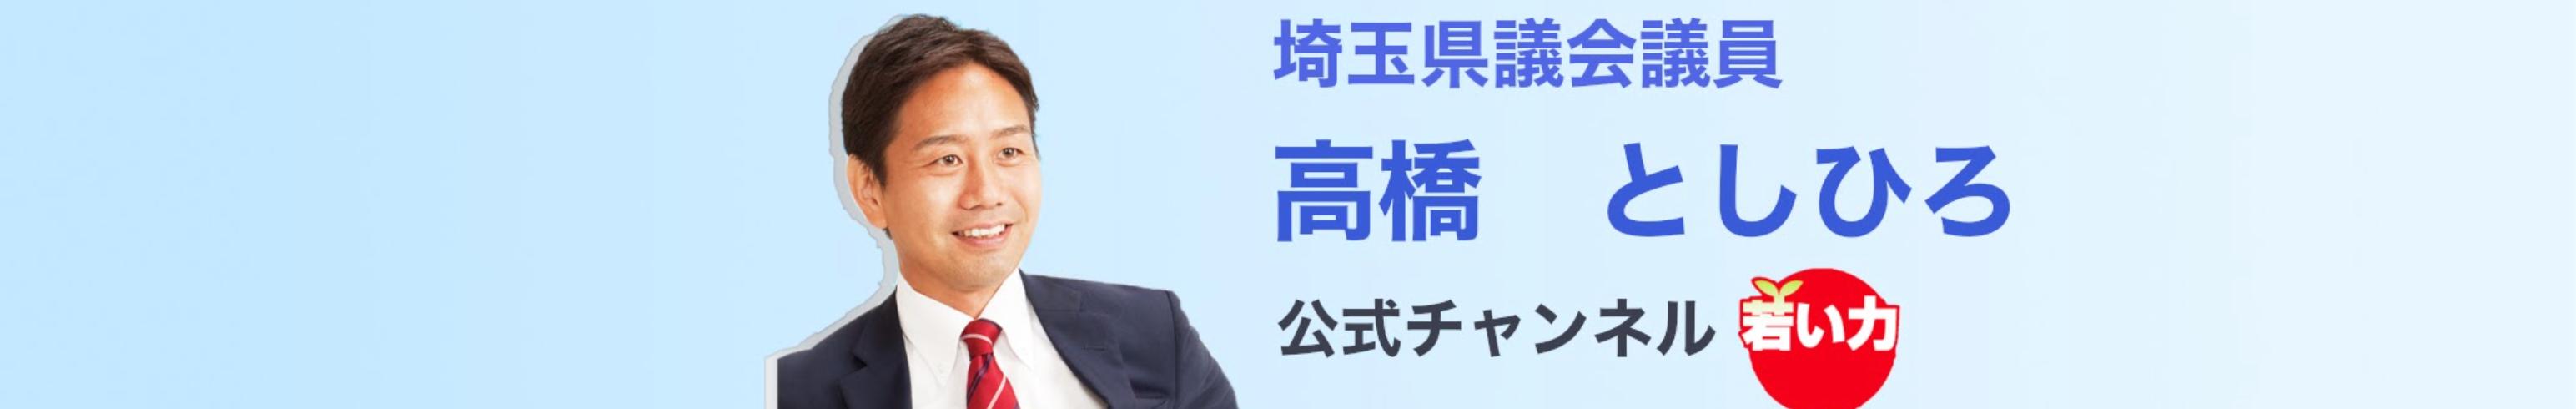 埼玉県議会議員 高橋としひろYouTube公式チャンネル - 加須市選出 -